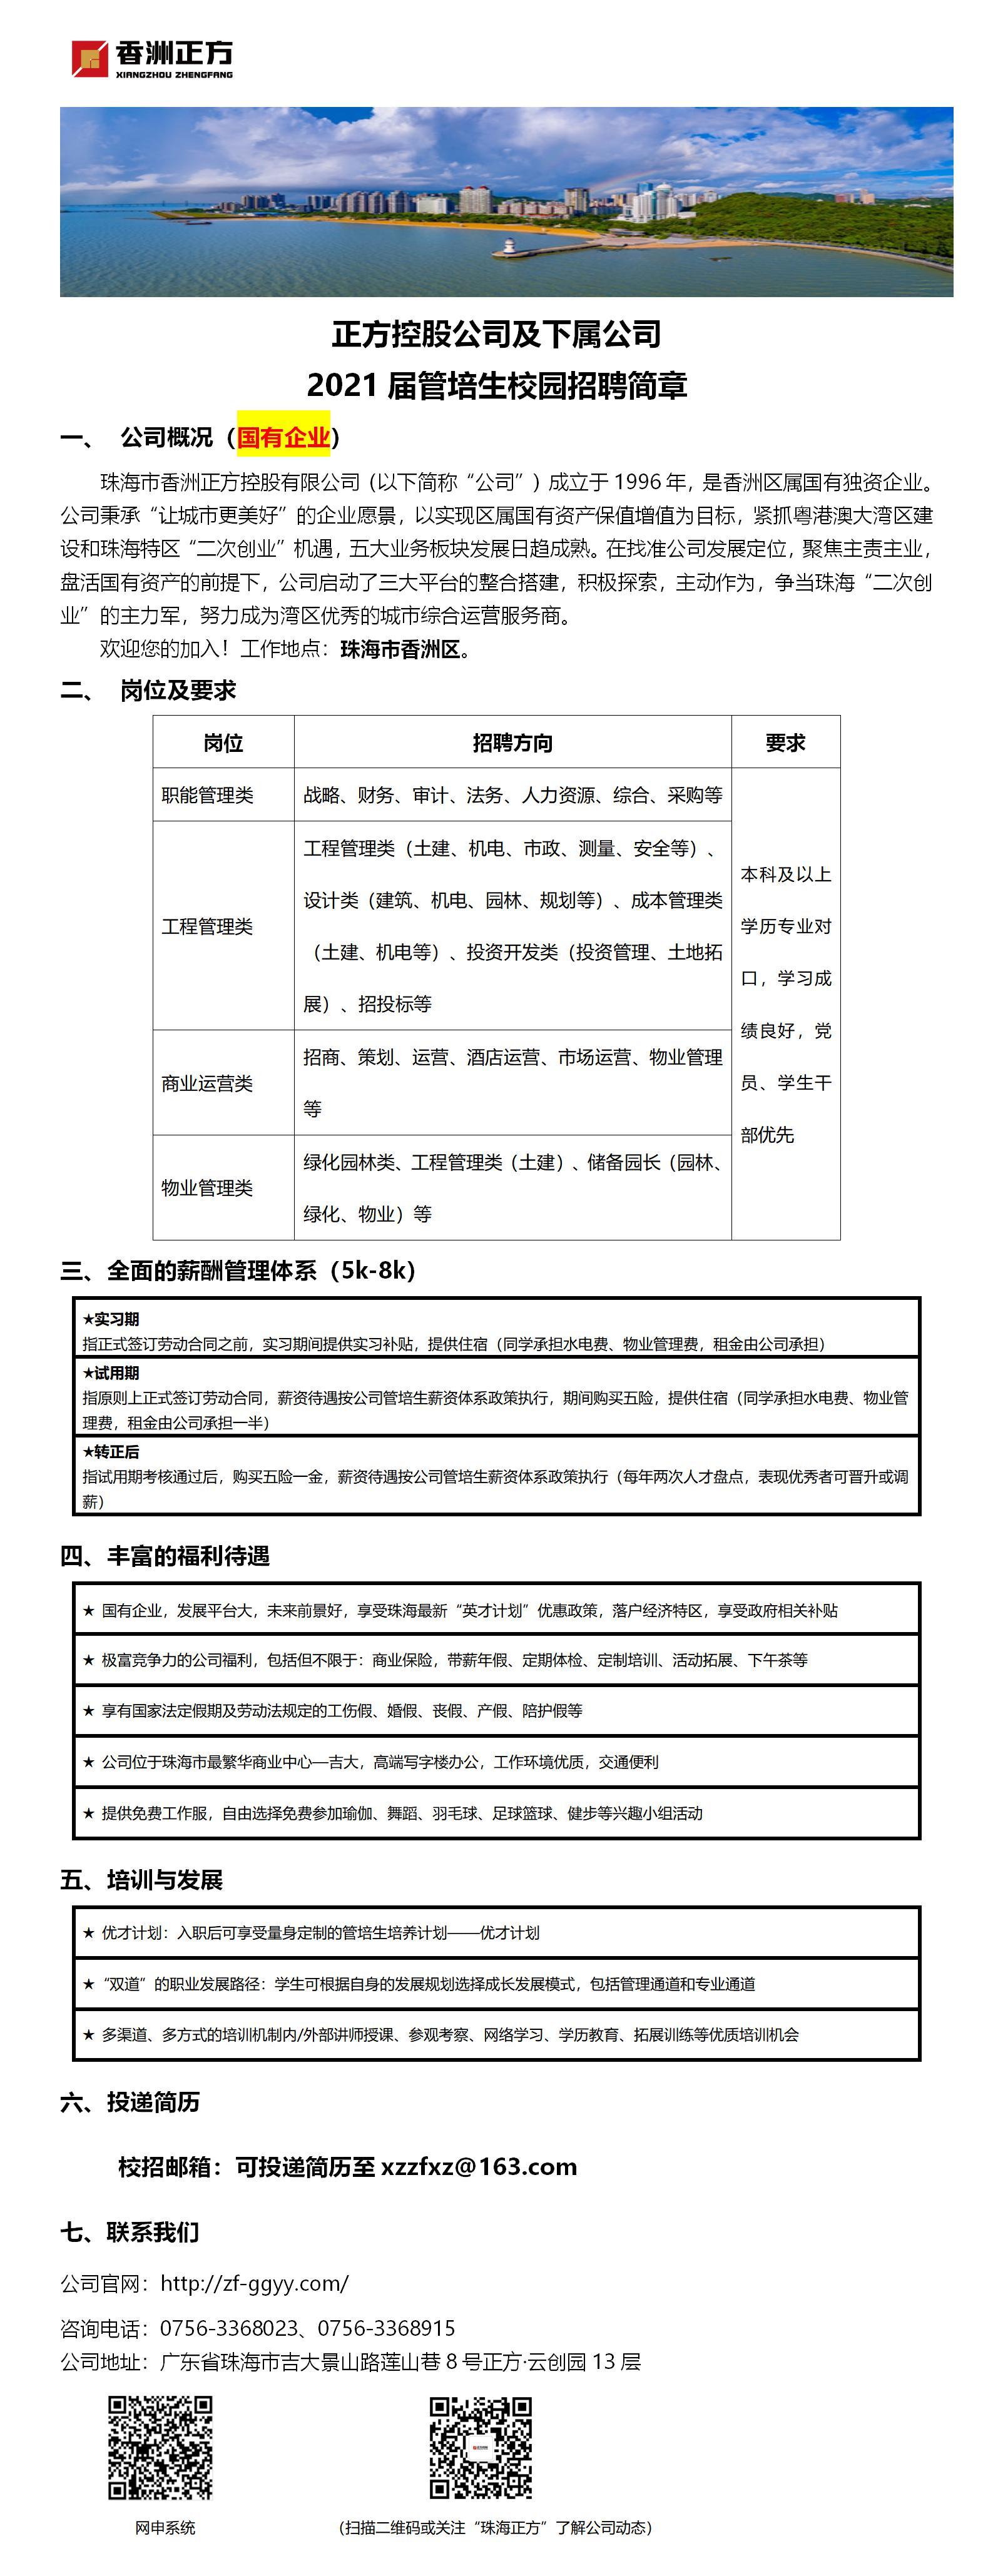 正方控股2021届大学生招聘简章(1).jpg